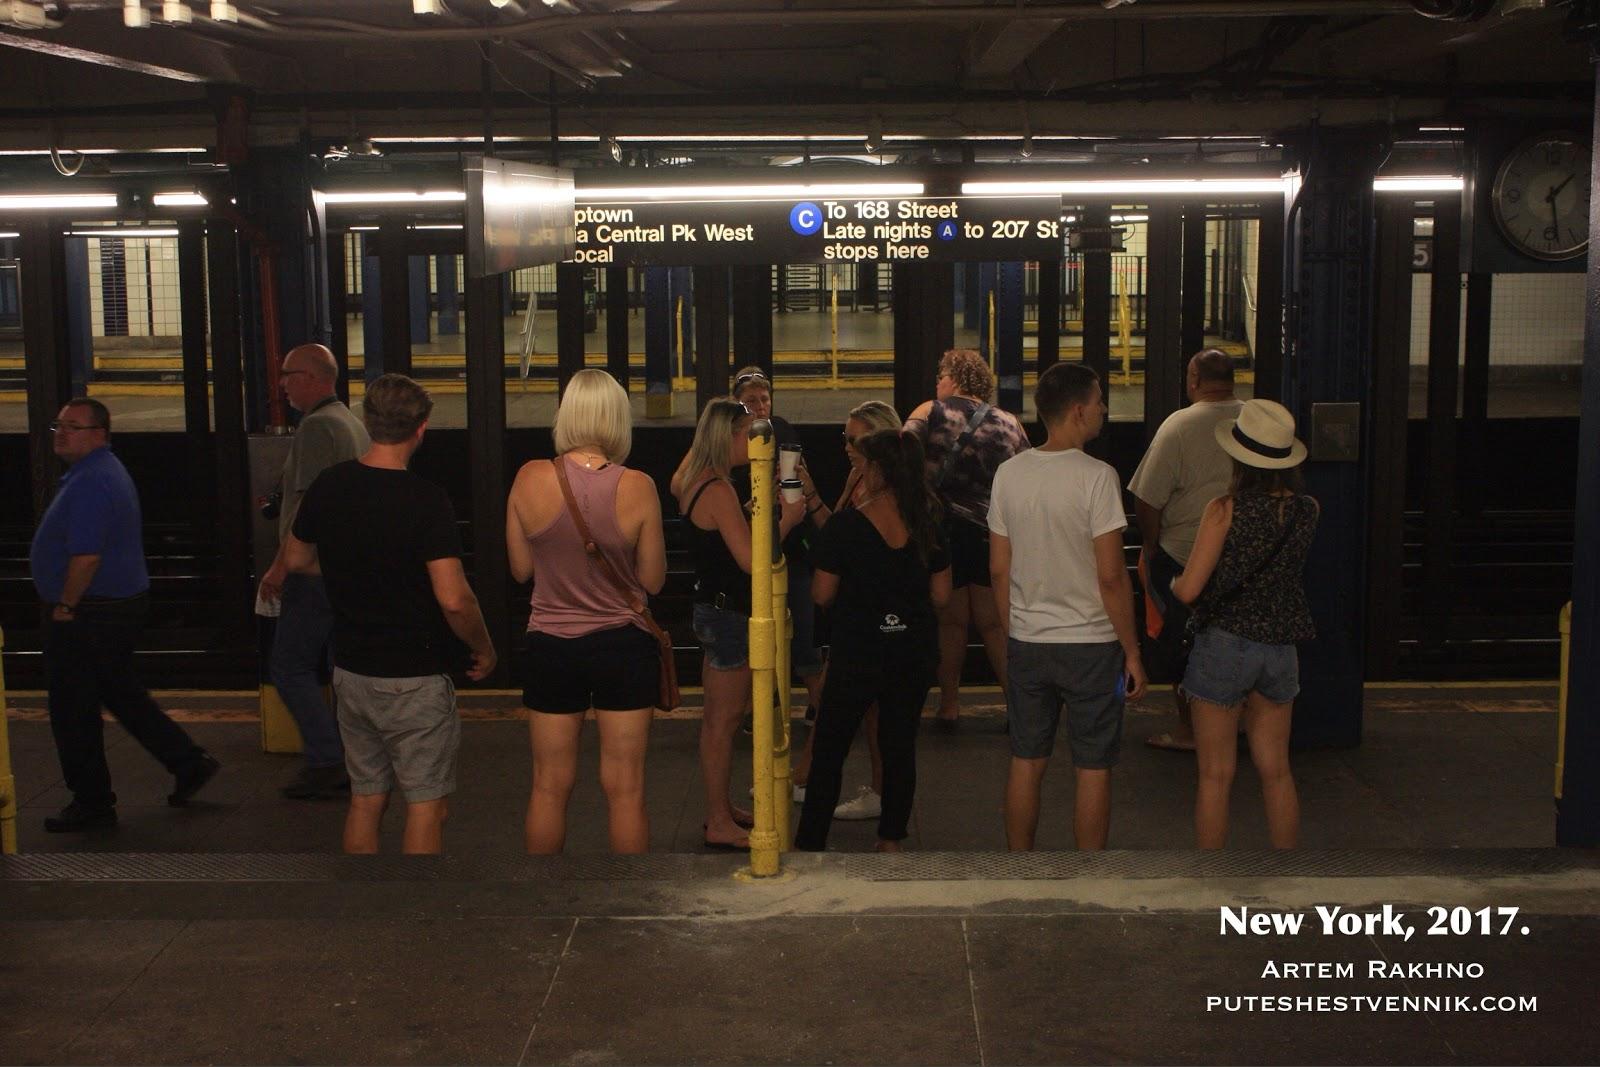 Пассажиры ожидают поезд в метро Нью-Йорка